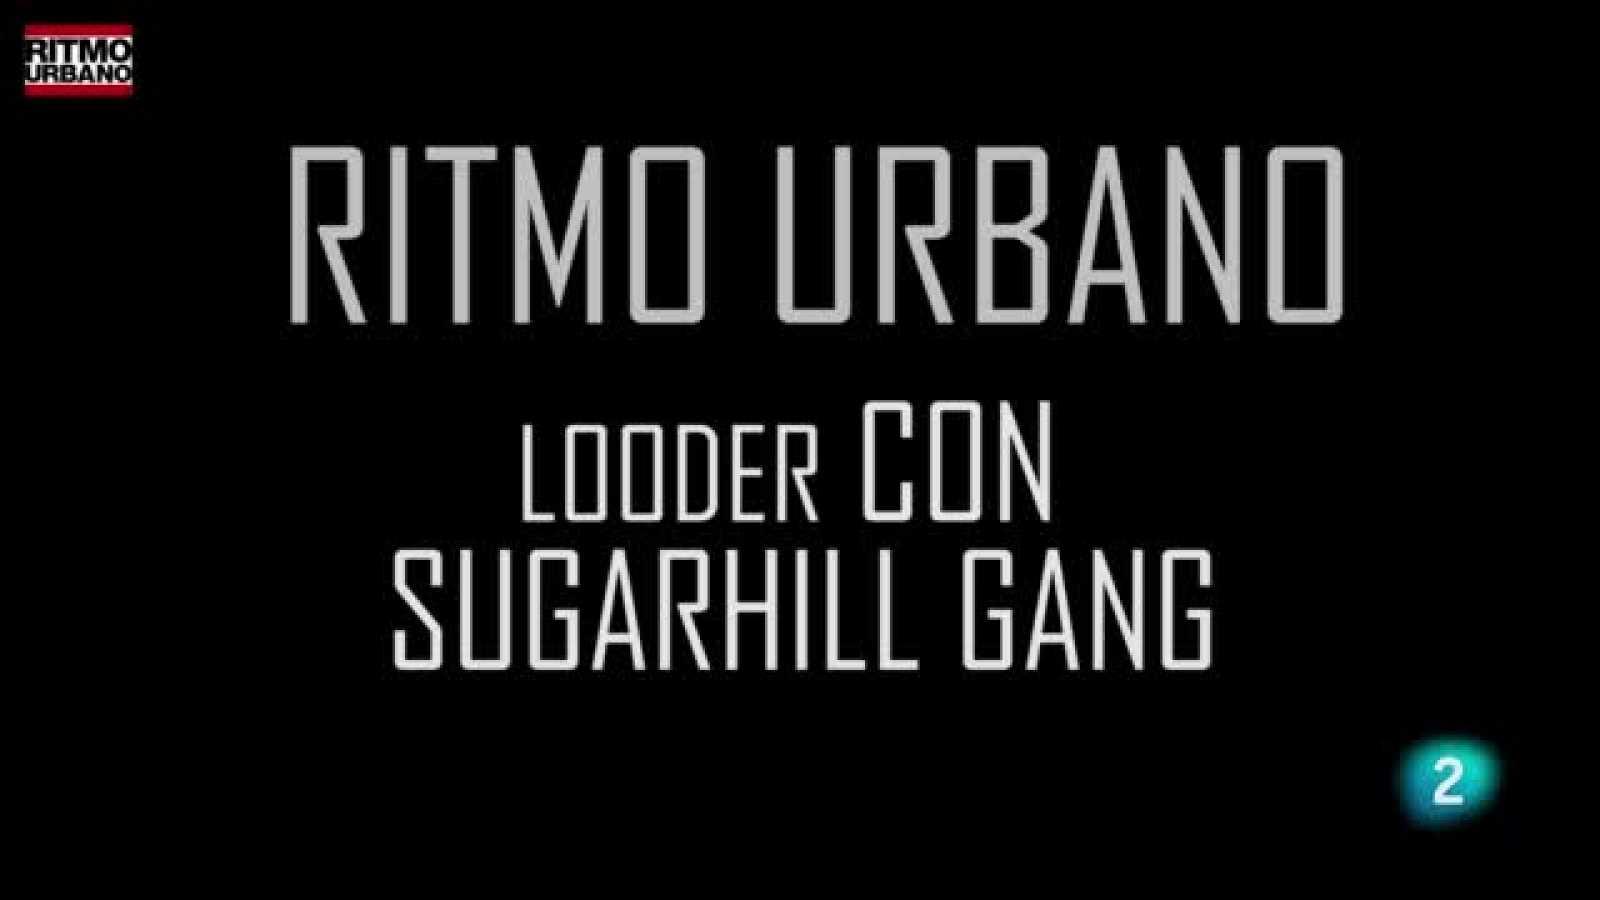 Para todos los públicos Ritmo Urbano - LOODER Y SUGARHILL GANG SE HACEN  JUNTOS EL RAPPER S DELIGHT reproducir video 28743fb26bd